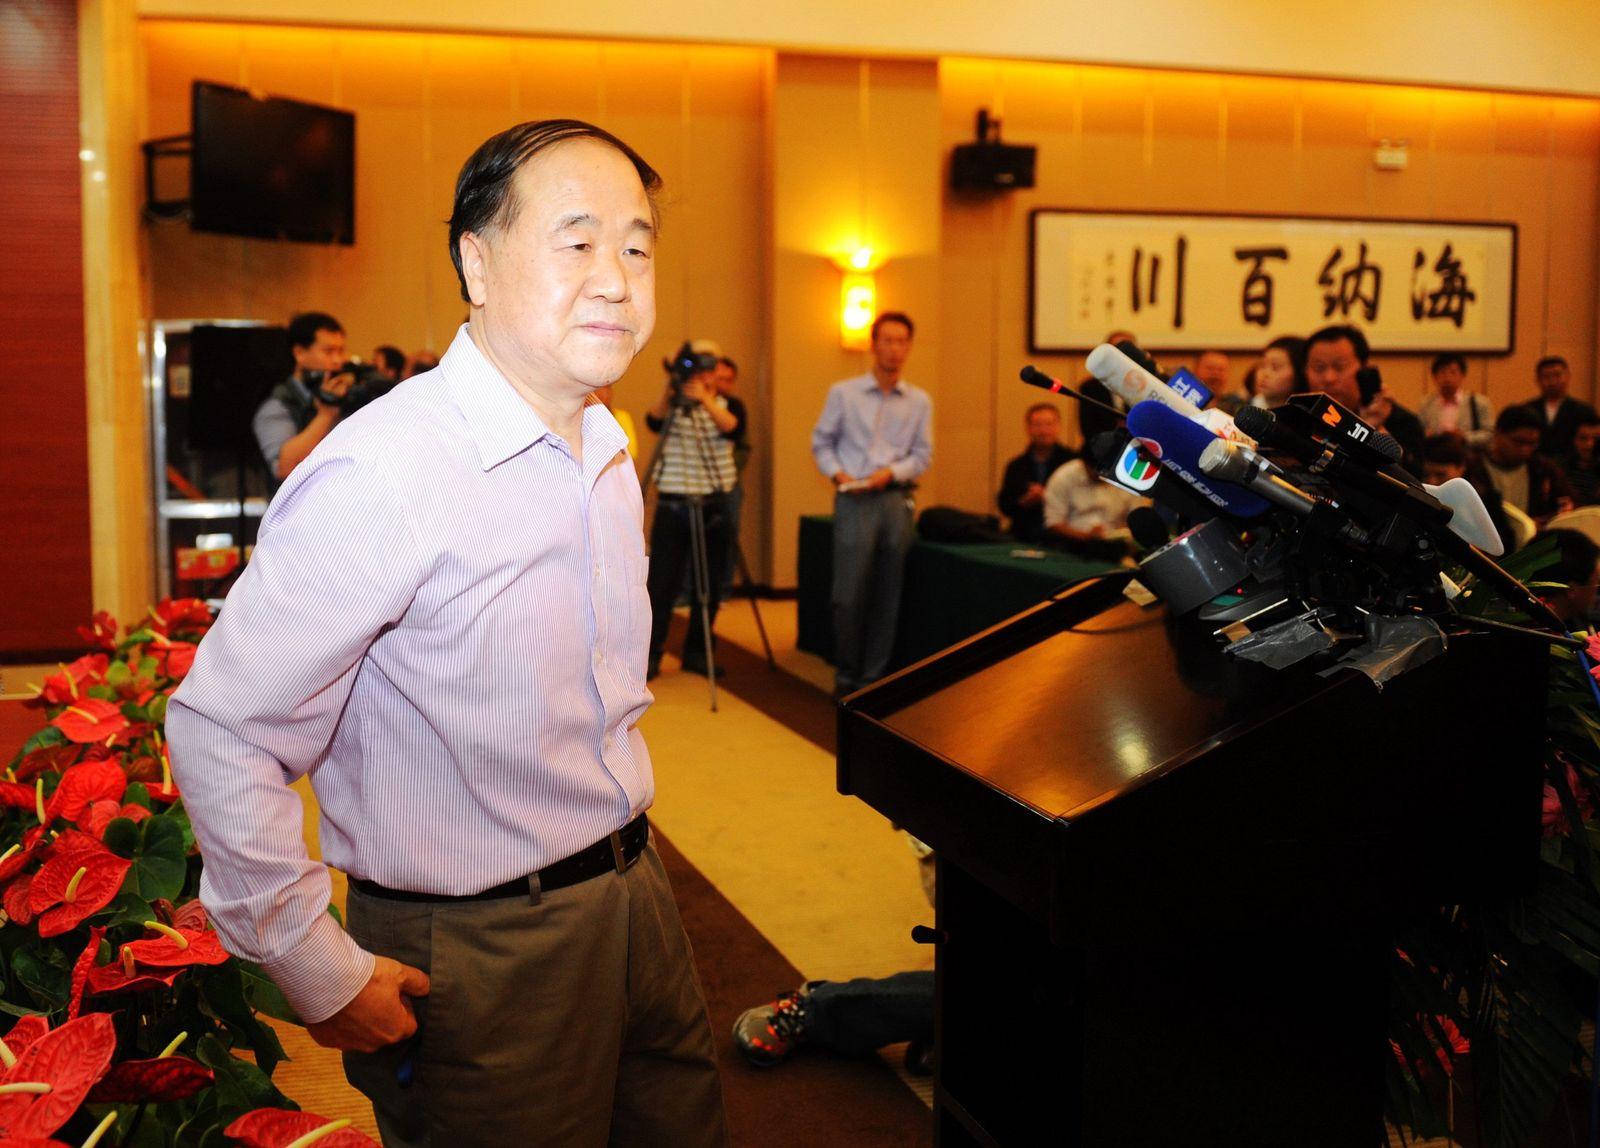 Mo Yan Press Conference in Gaomi